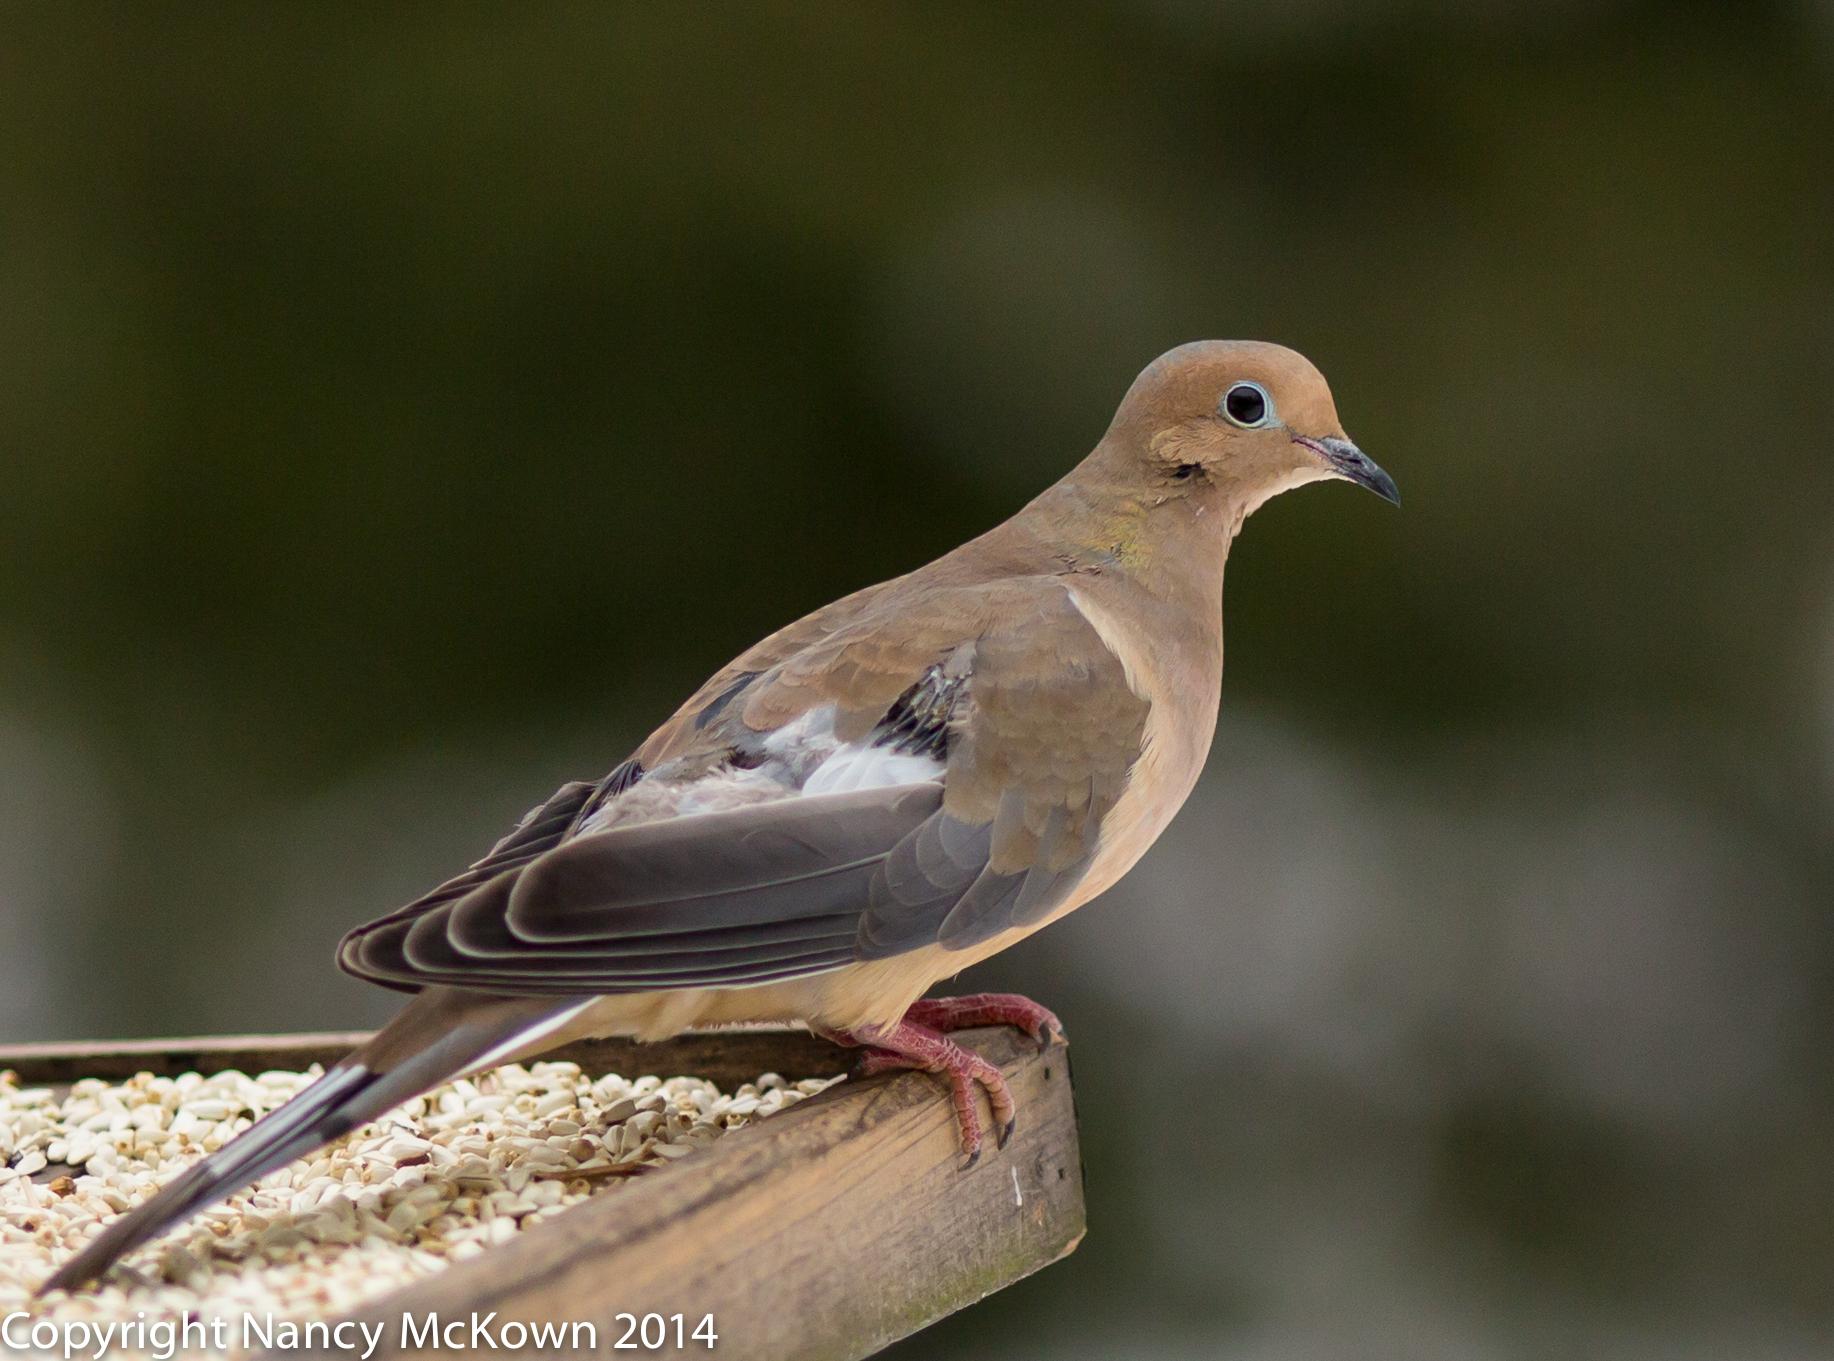 Nancy bird photography part 16 photo of mourning dove buycottarizona